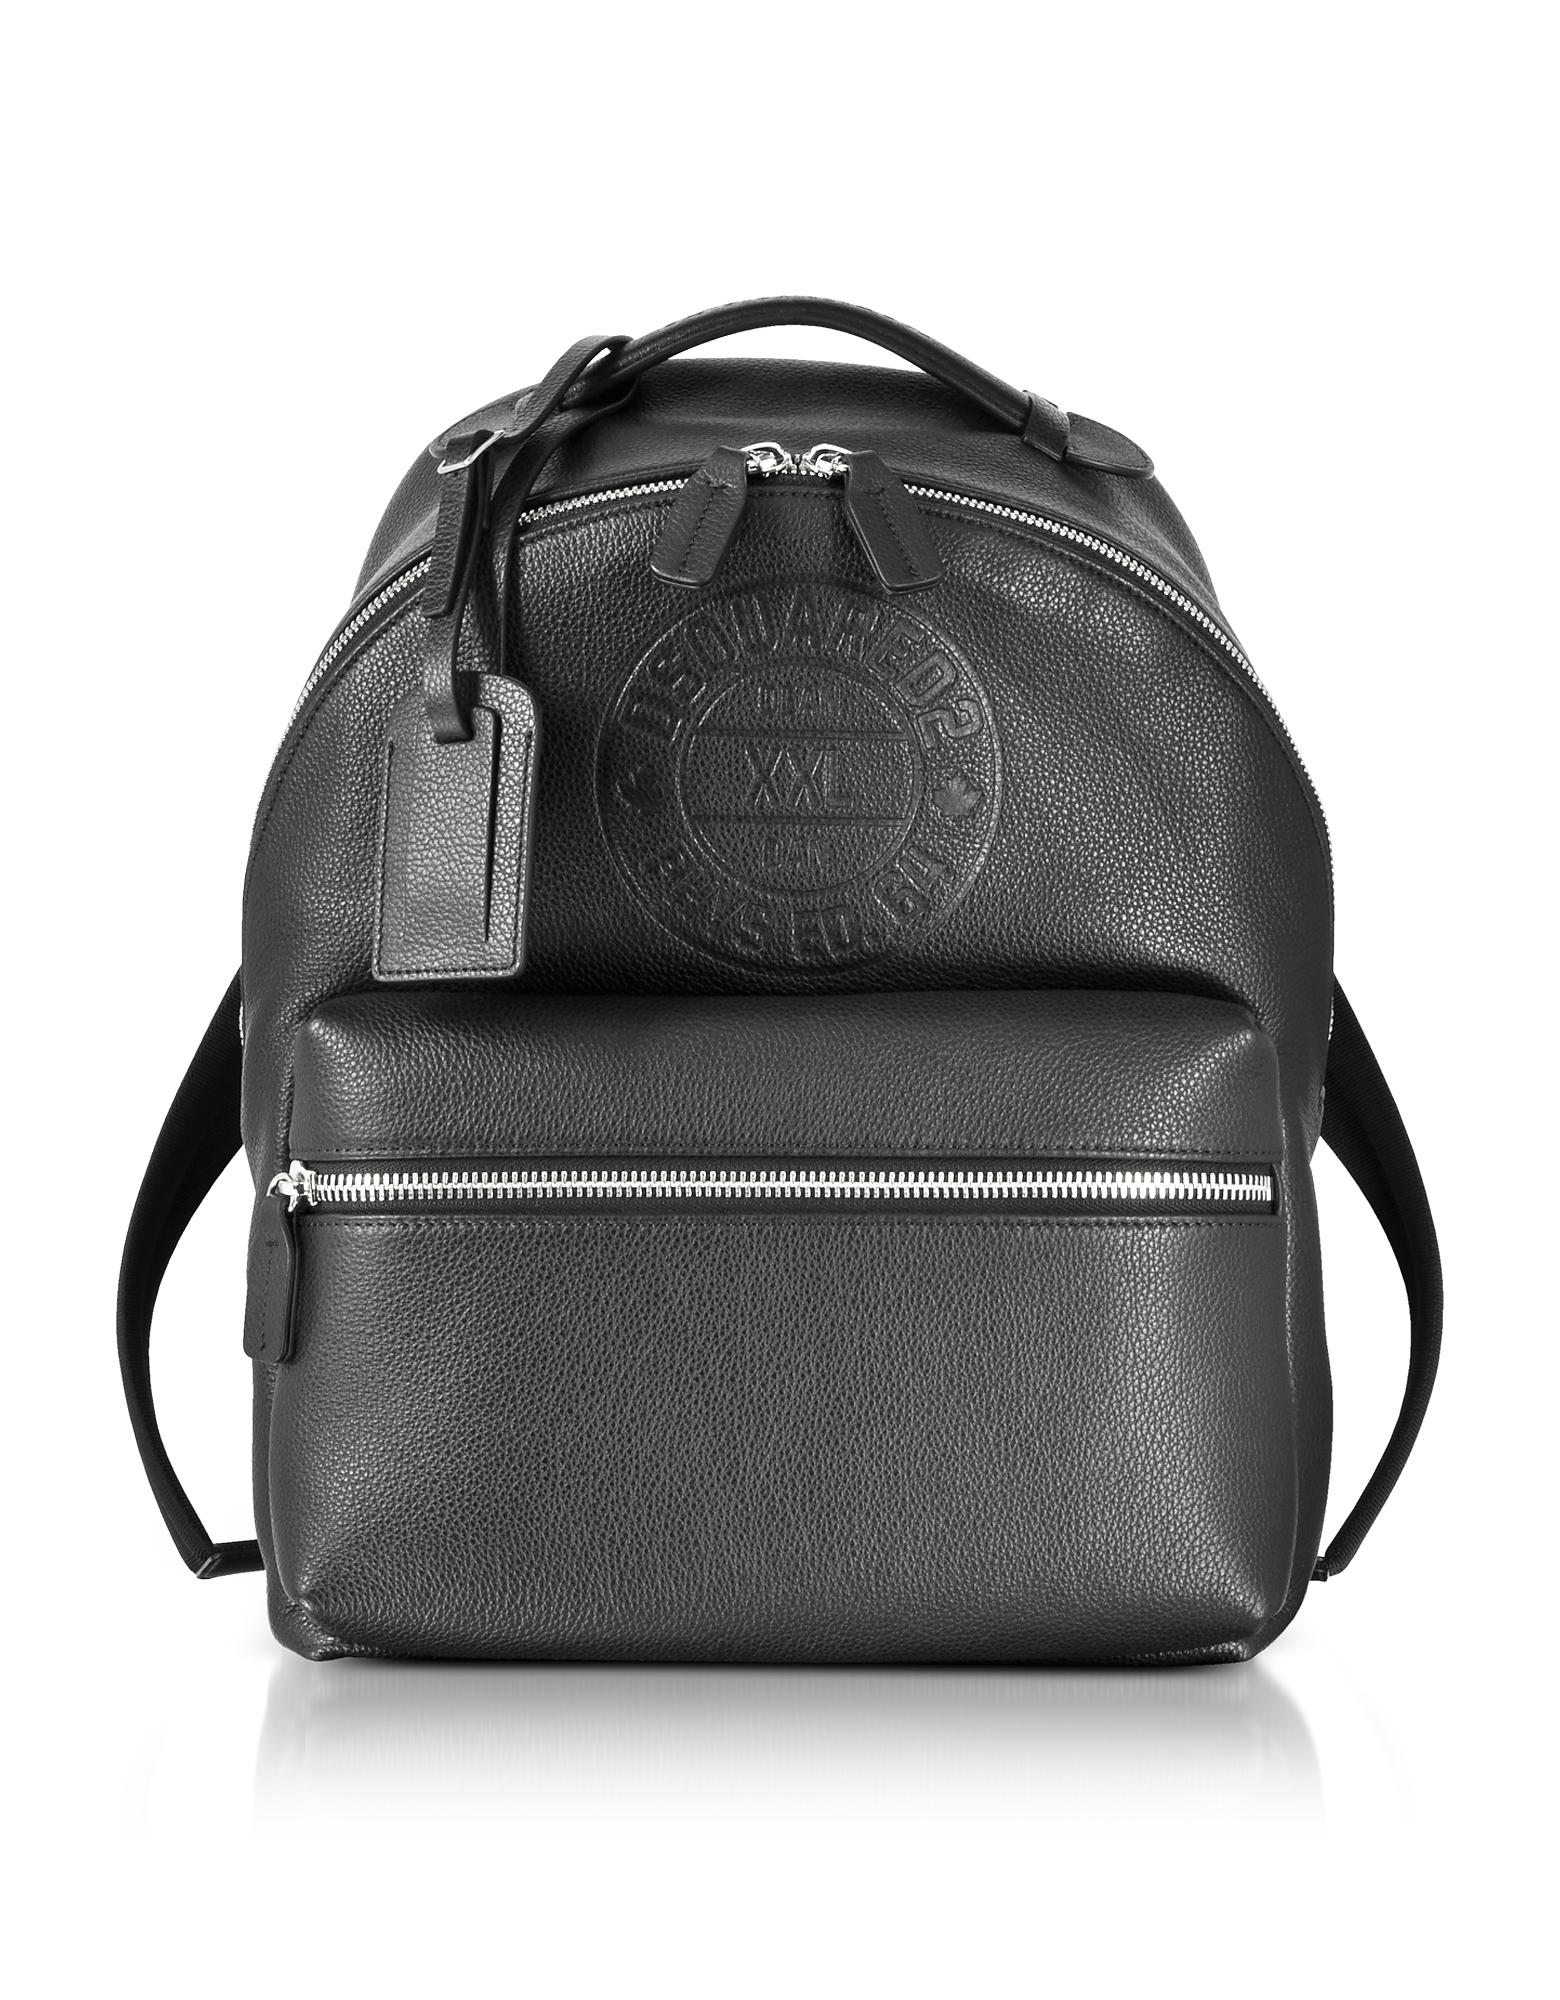 Black Leather Men's Backpack